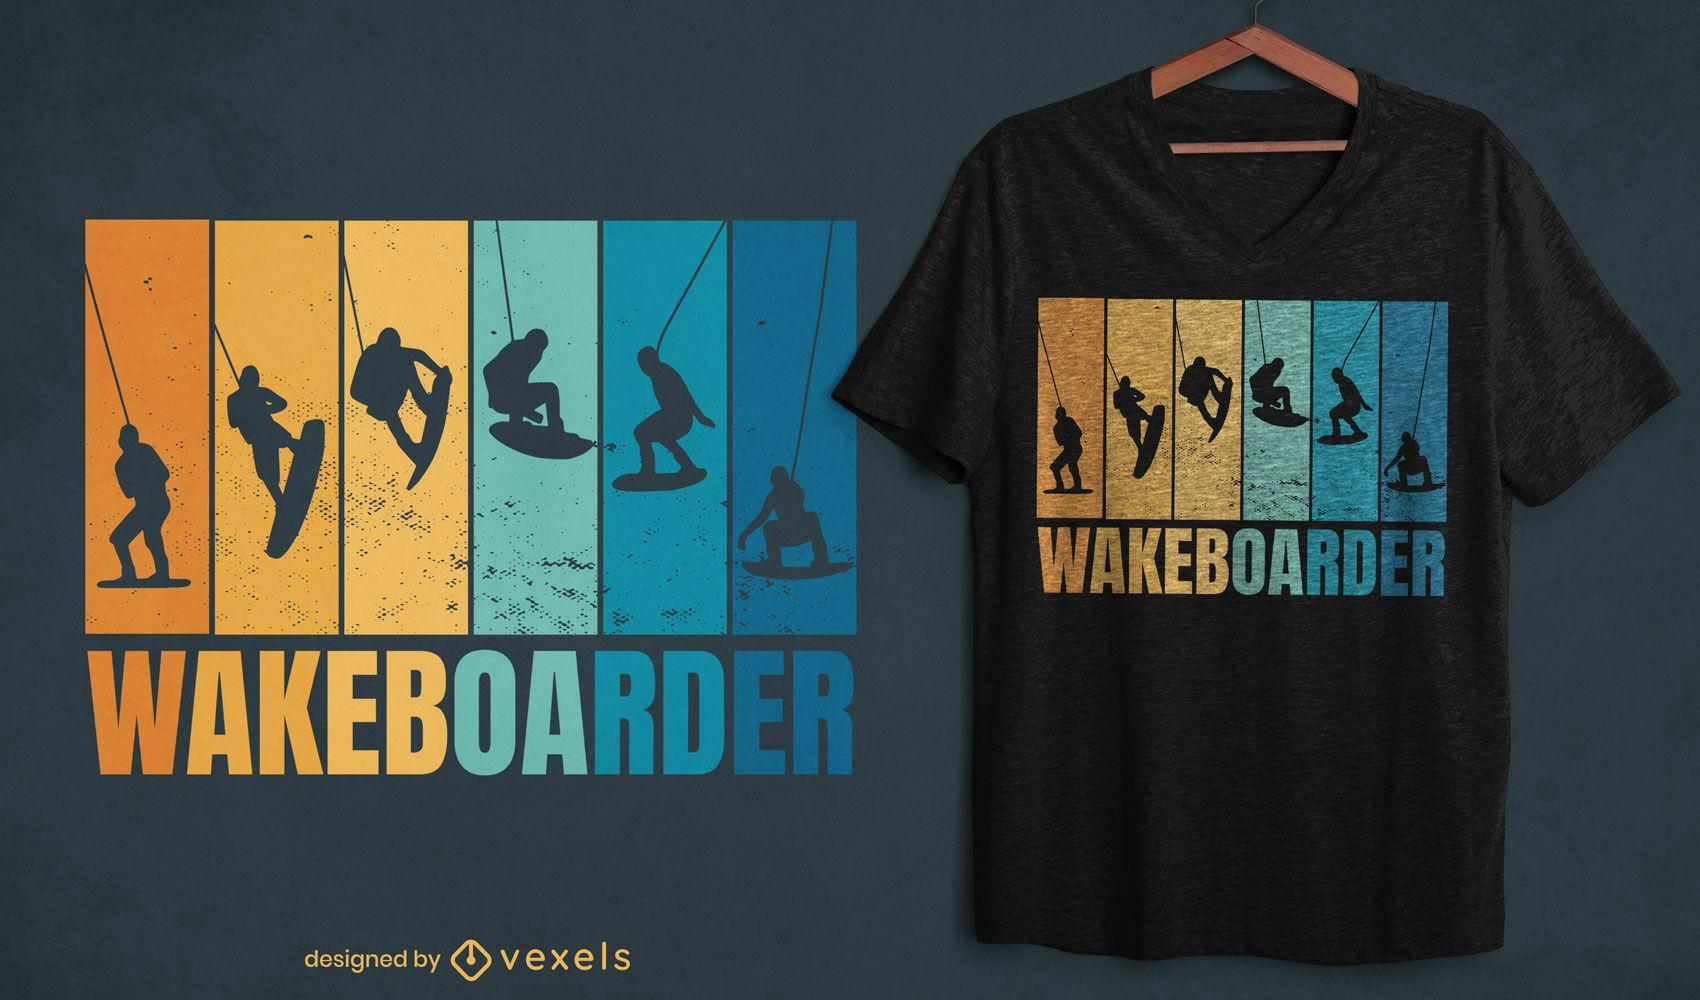 Diseño de camiseta retro de siluetas de wakeboard.